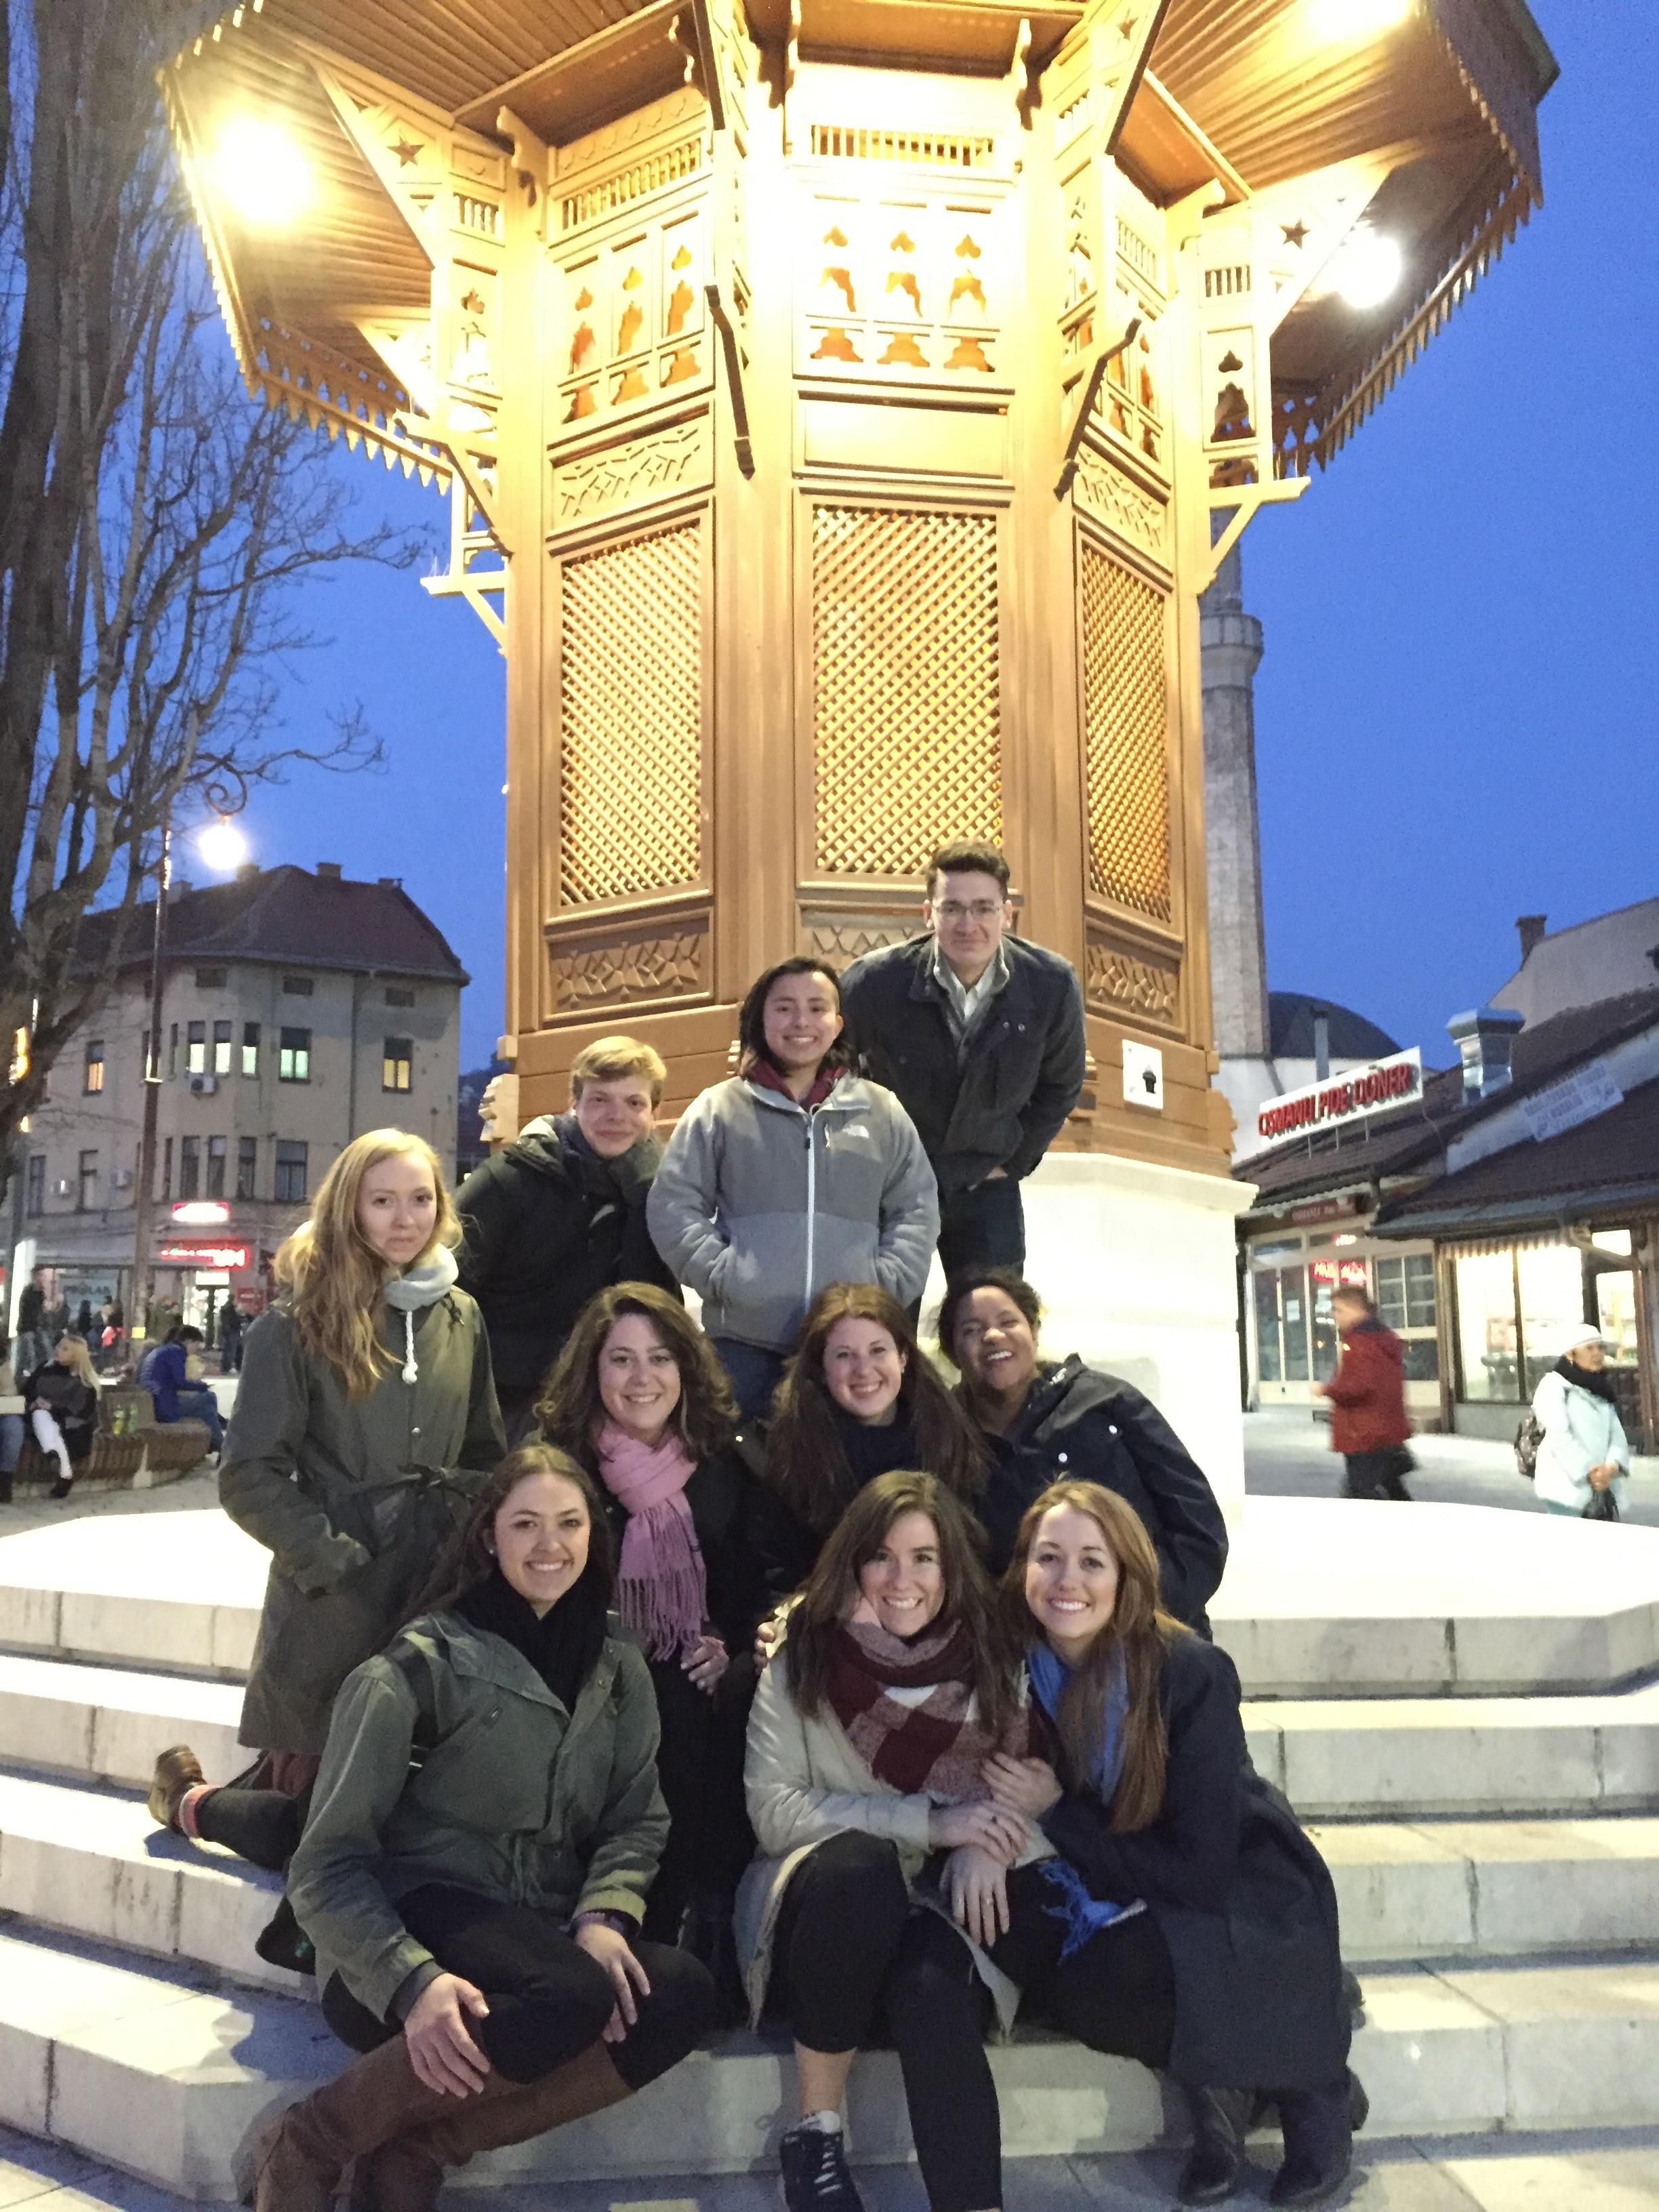 The group in Sarjevo